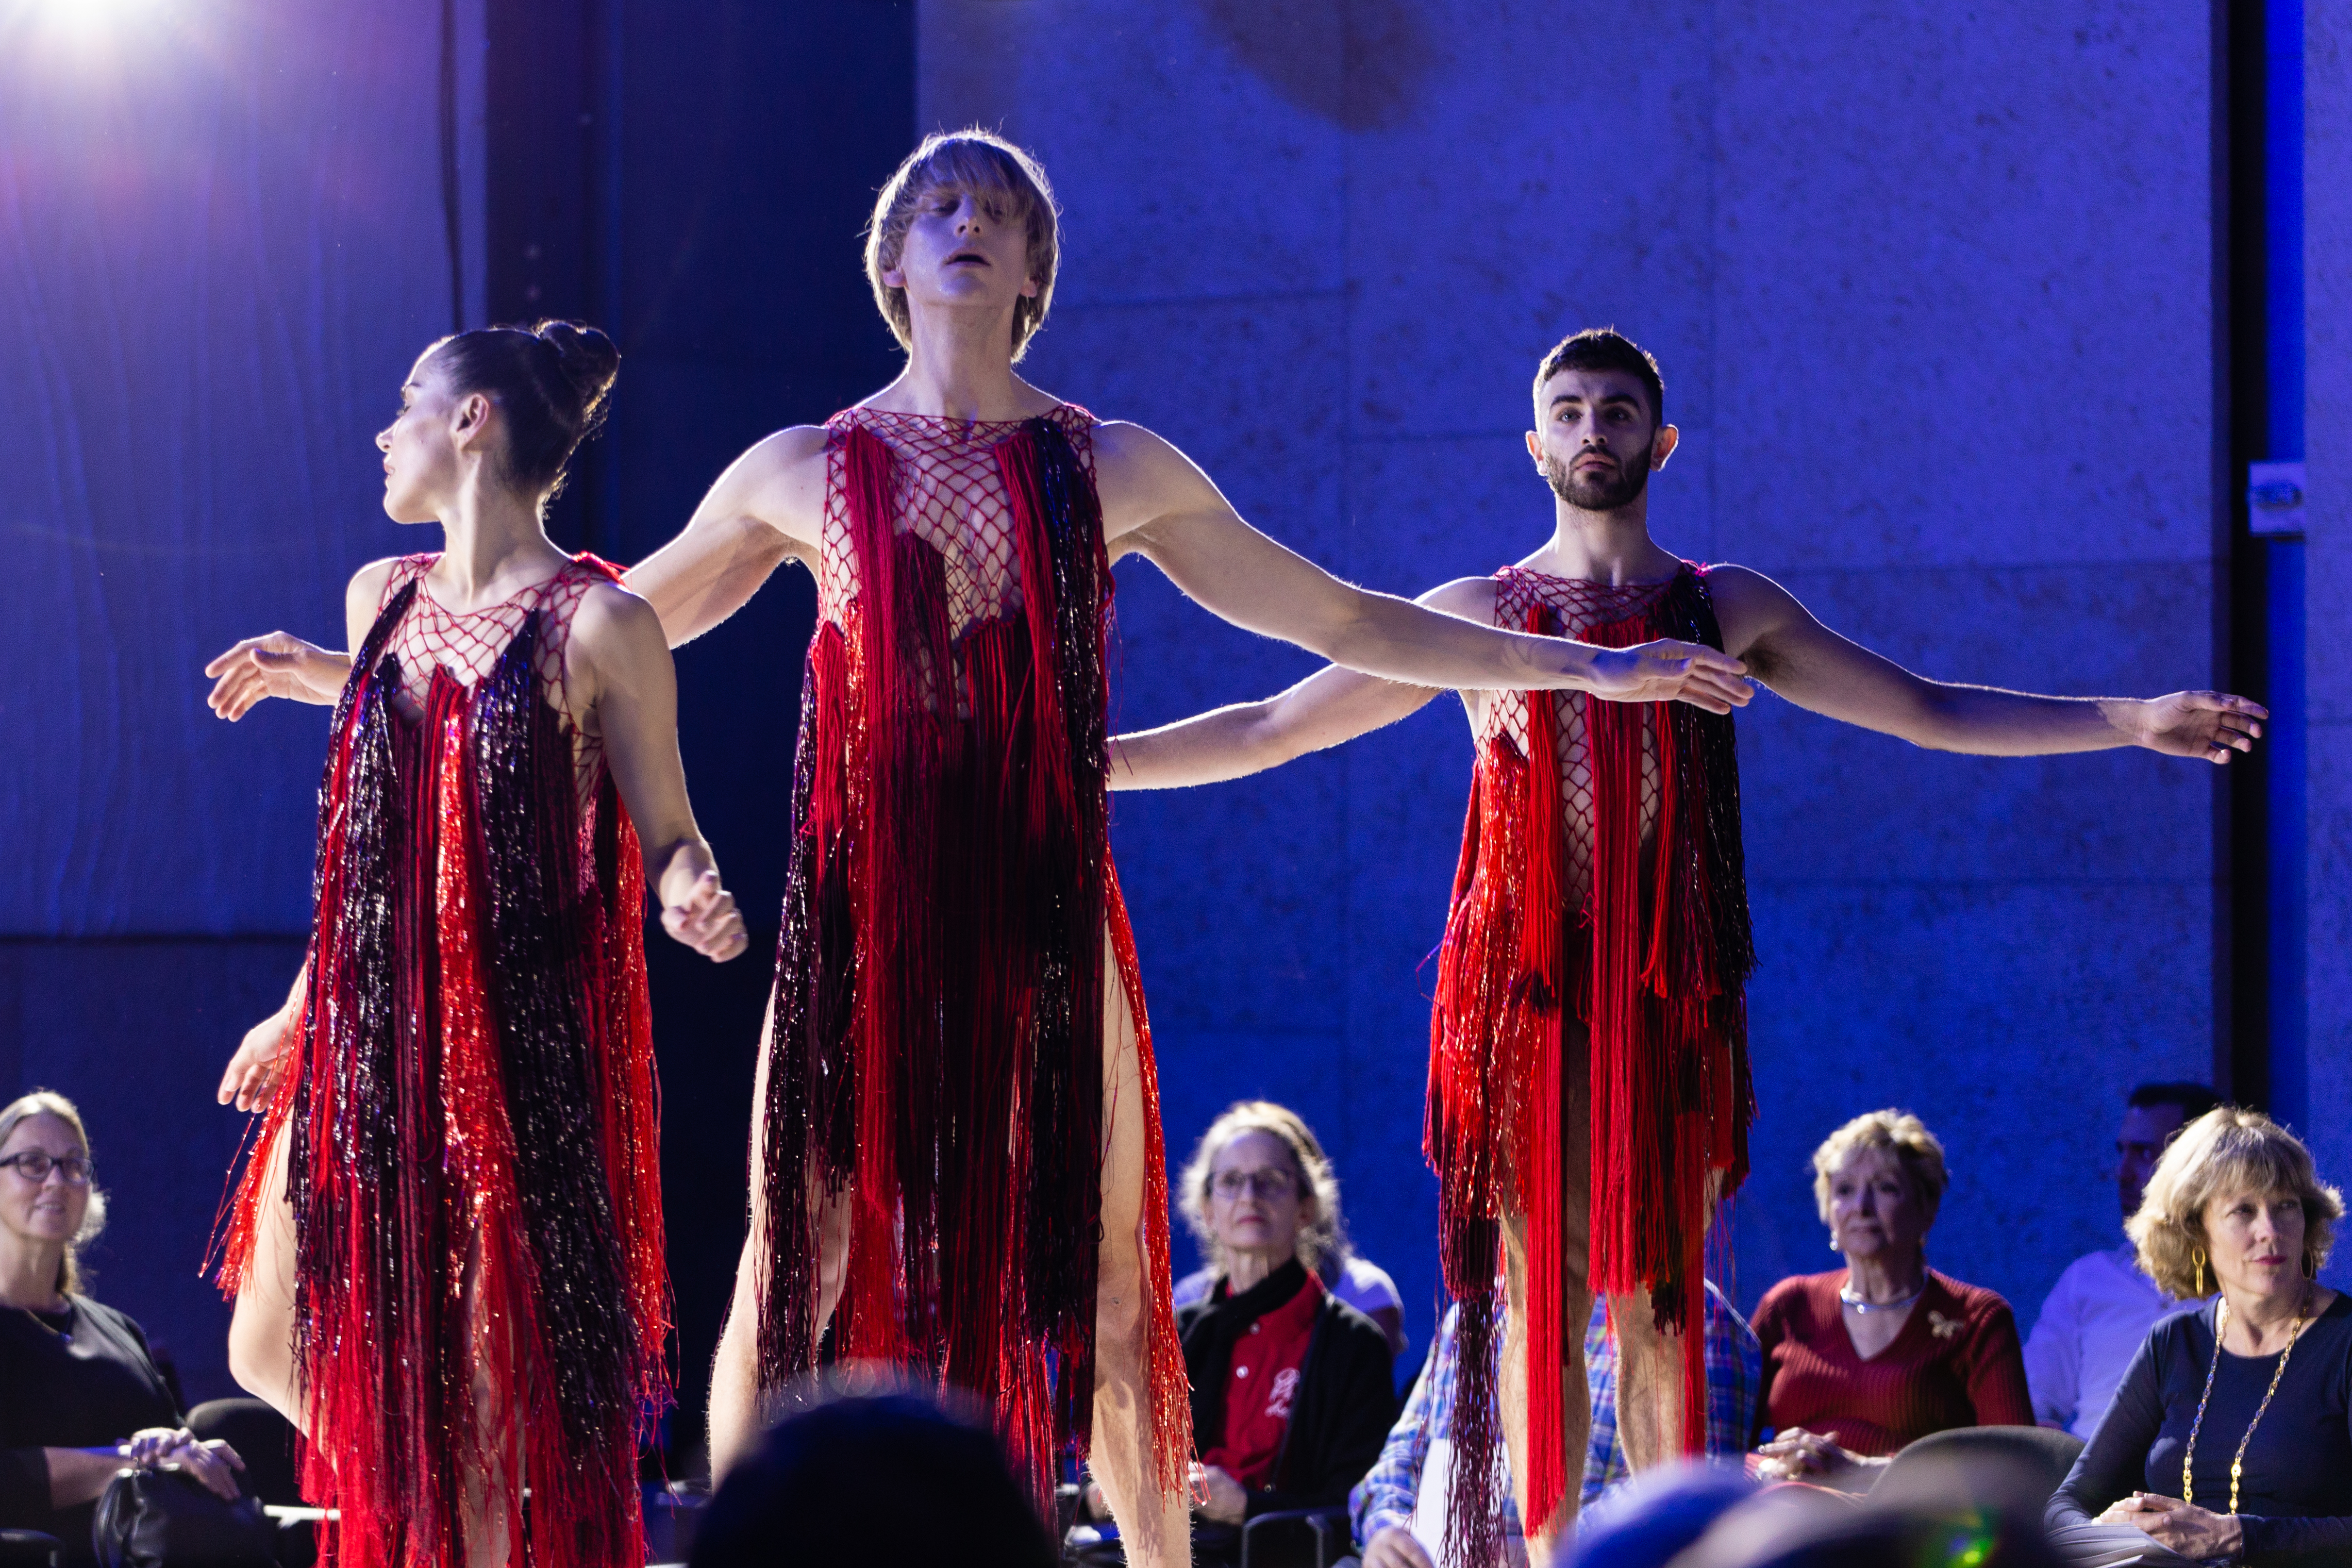 Dancers Patricia Delgado, David Hallberg, and Ricky Ubeda in Glass Handel